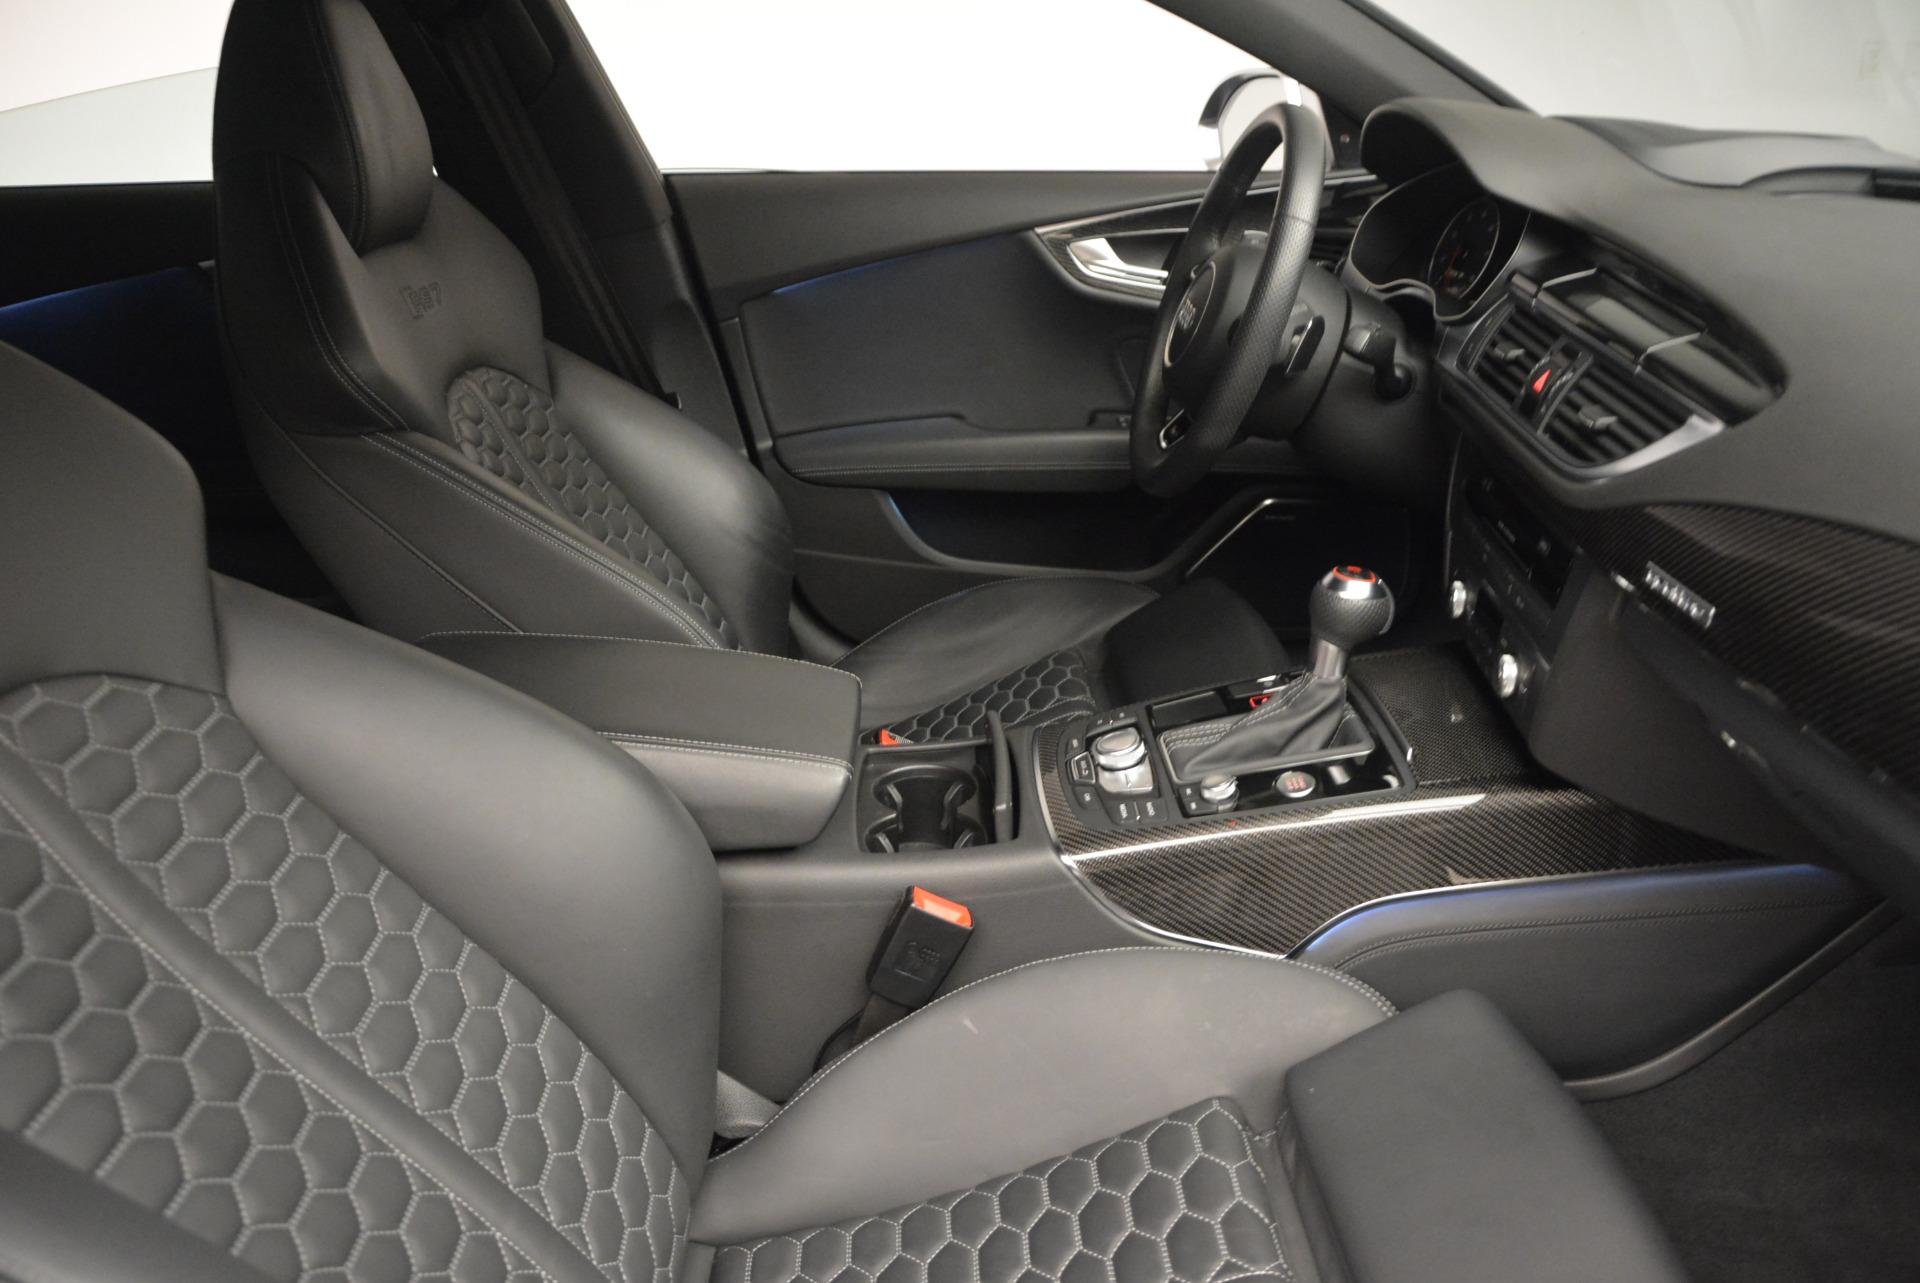 Used 2014 Audi RS 7 4.0T quattro Prestige For Sale In Greenwich, CT 707_p24